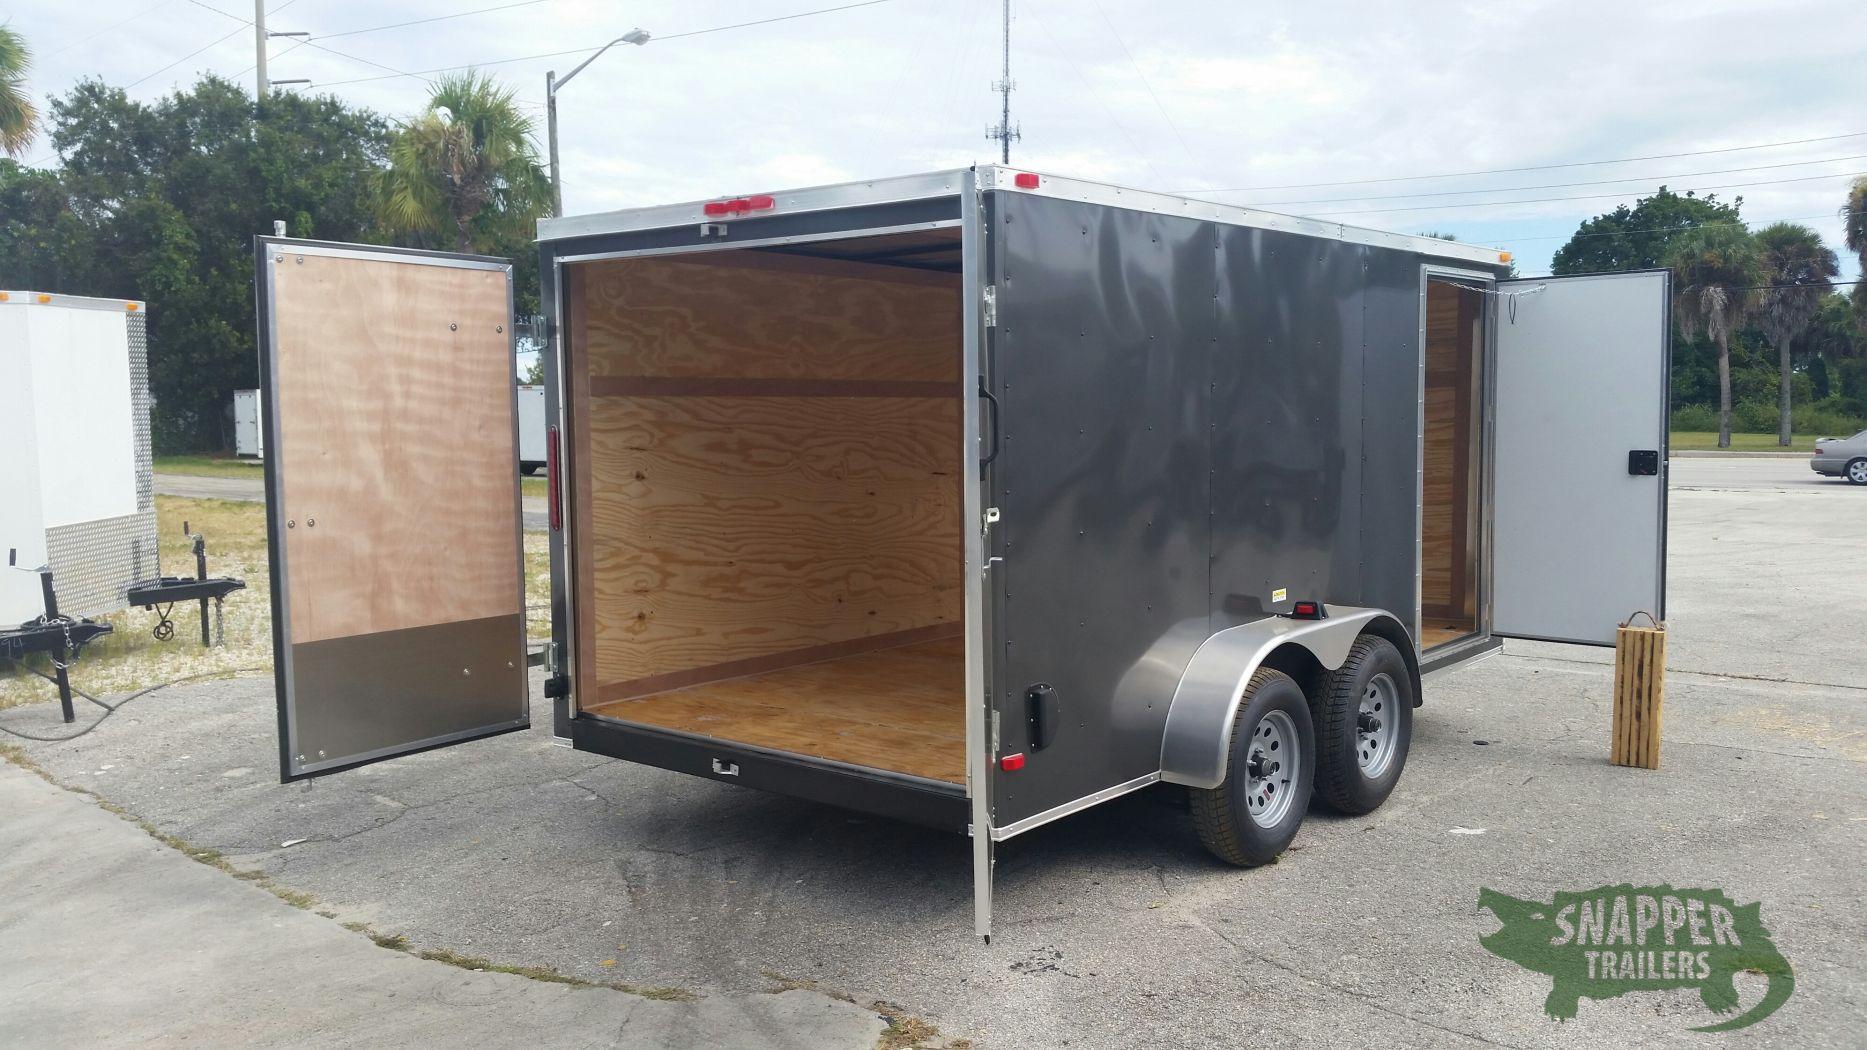 Side Door Tractor Trailer : Ta trailer charcoal gray double doors side door